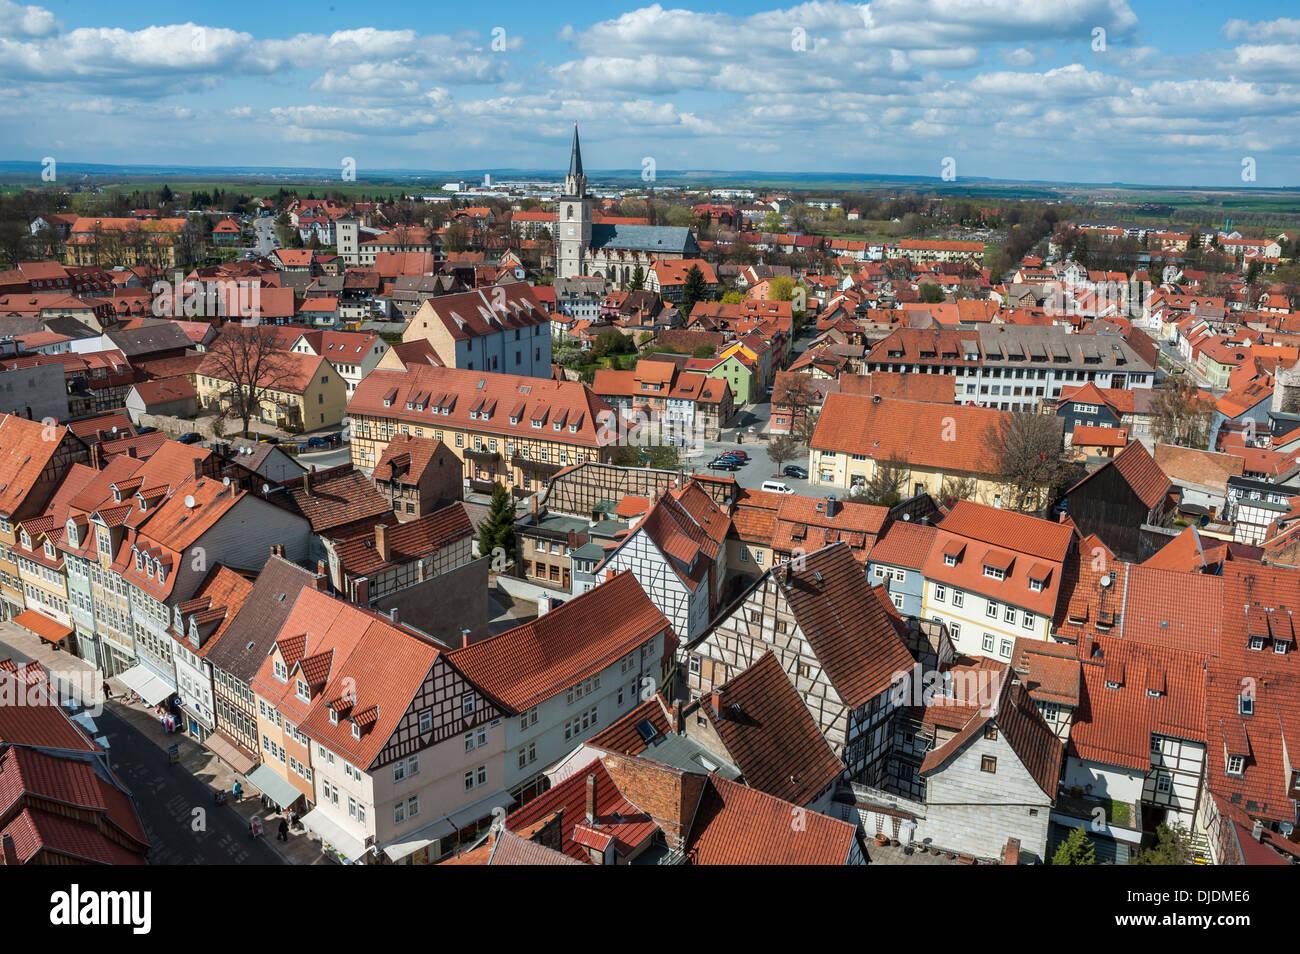 Altstadt von Bad Langensalza, Thüringen, Deutschland Stockbild